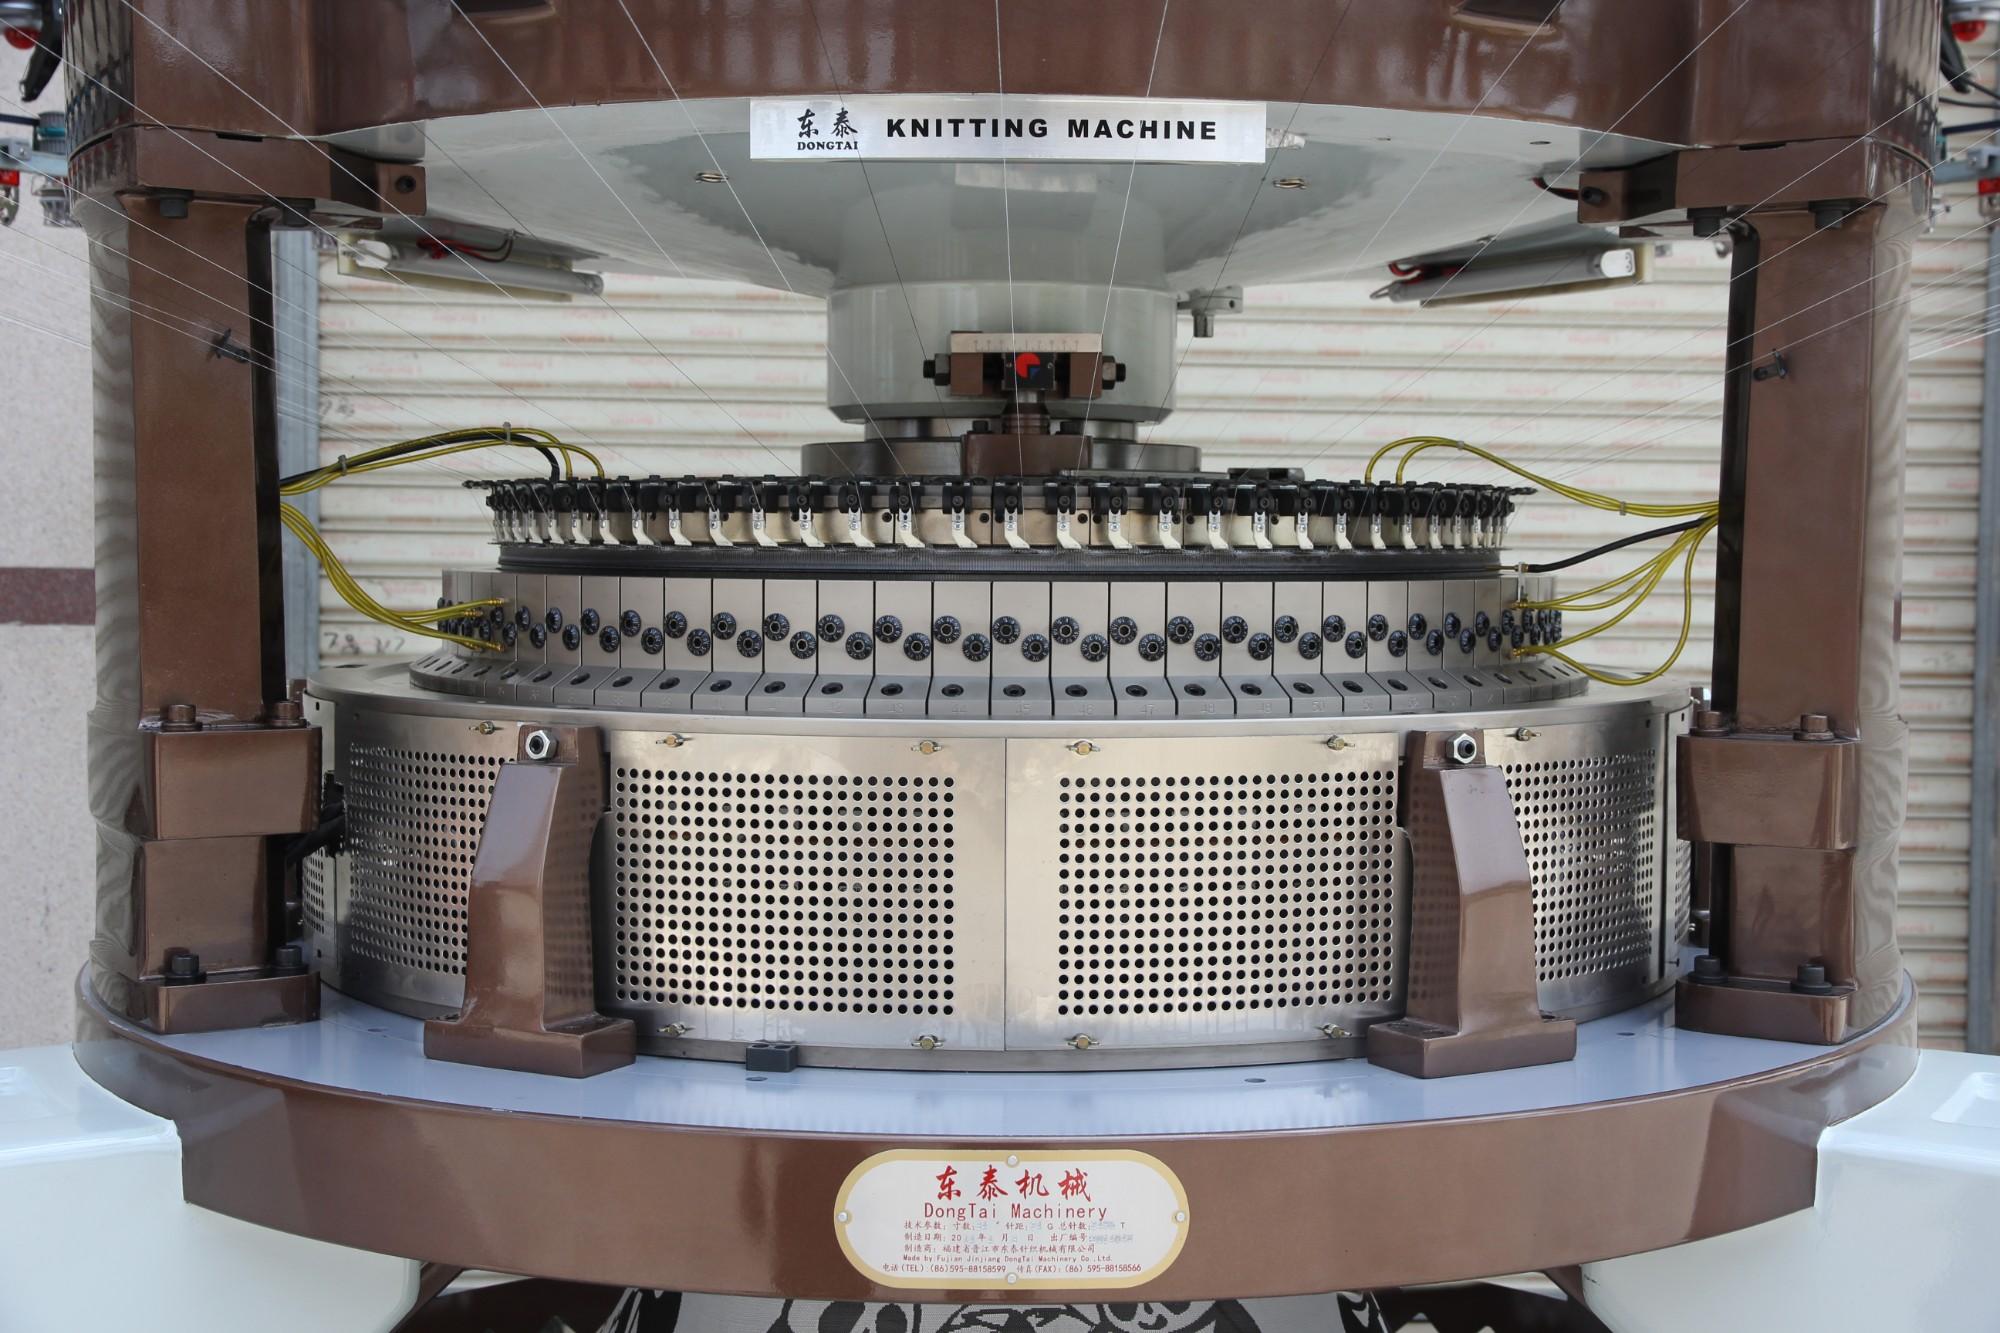 Yüksek Hızlı Çift Bilgisayarlı Jakarlı Yuvarlak Örgü Makinesi satın al,Yüksek Hızlı Çift Bilgisayarlı Jakarlı Yuvarlak Örgü Makinesi Fiyatlar,Yüksek Hızlı Çift Bilgisayarlı Jakarlı Yuvarlak Örgü Makinesi Markalar,Yüksek Hızlı Çift Bilgisayarlı Jakarlı Yuvarlak Örgü Makinesi Üretici,Yüksek Hızlı Çift Bilgisayarlı Jakarlı Yuvarlak Örgü Makinesi Alıntılar,Yüksek Hızlı Çift Bilgisayarlı Jakarlı Yuvarlak Örgü Makinesi Şirket,